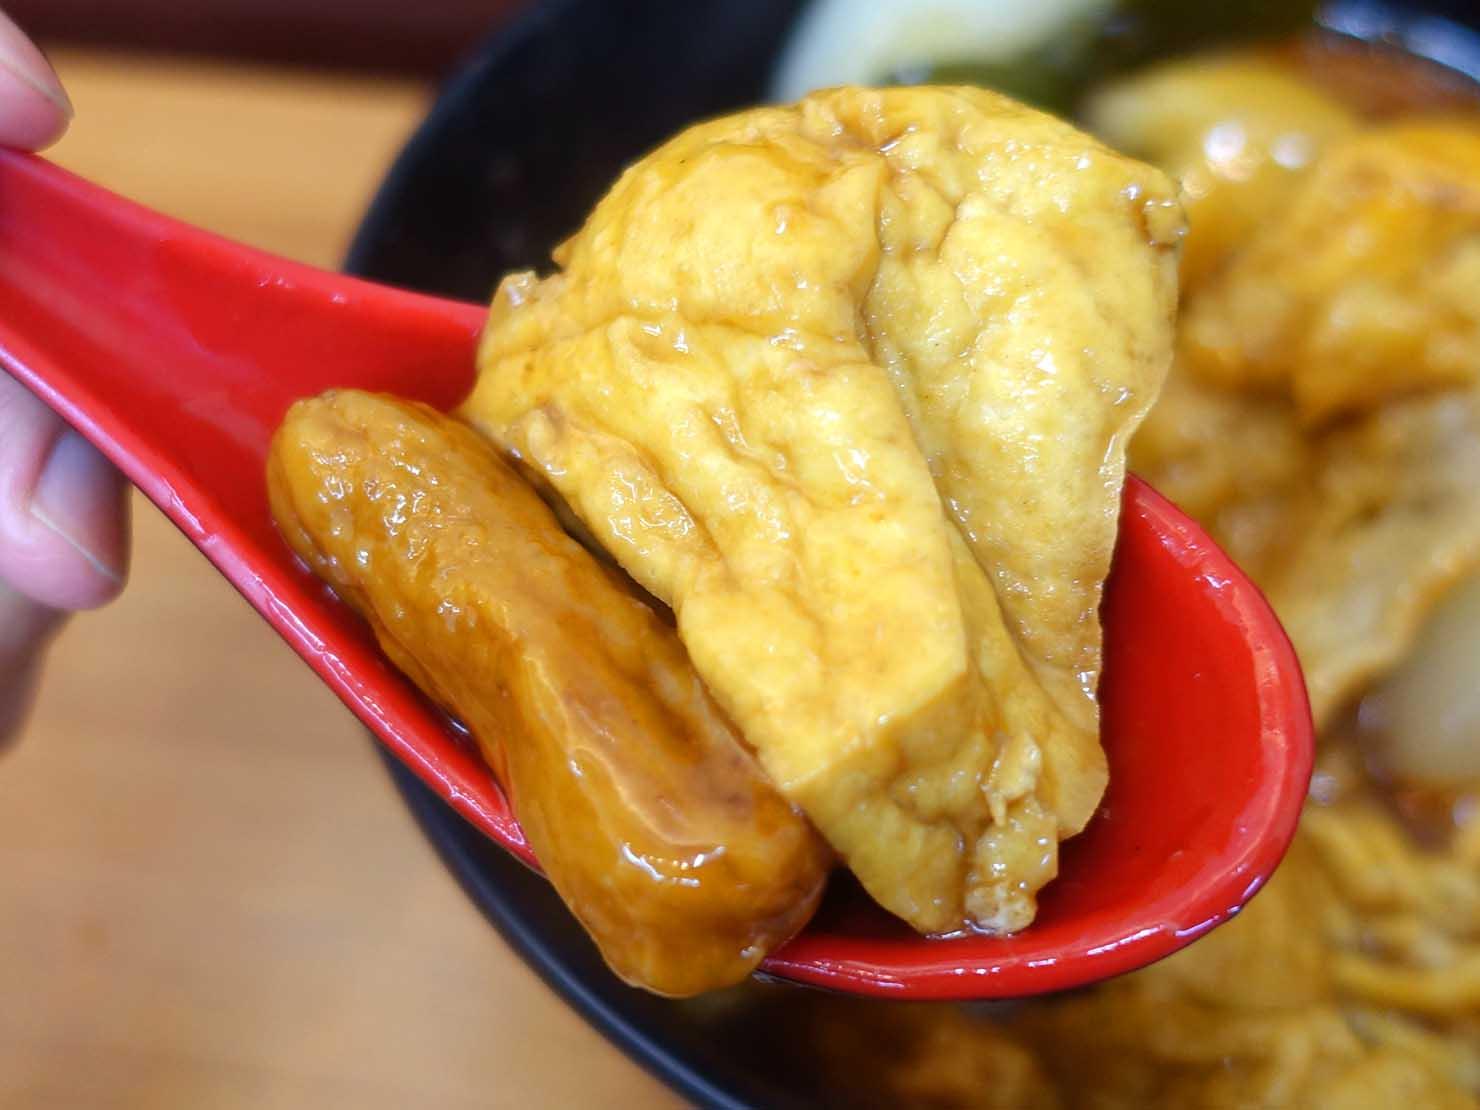 台北駅周辺のおすすめ台湾グルメ店「台北煮食甜不辣」の甜不辣